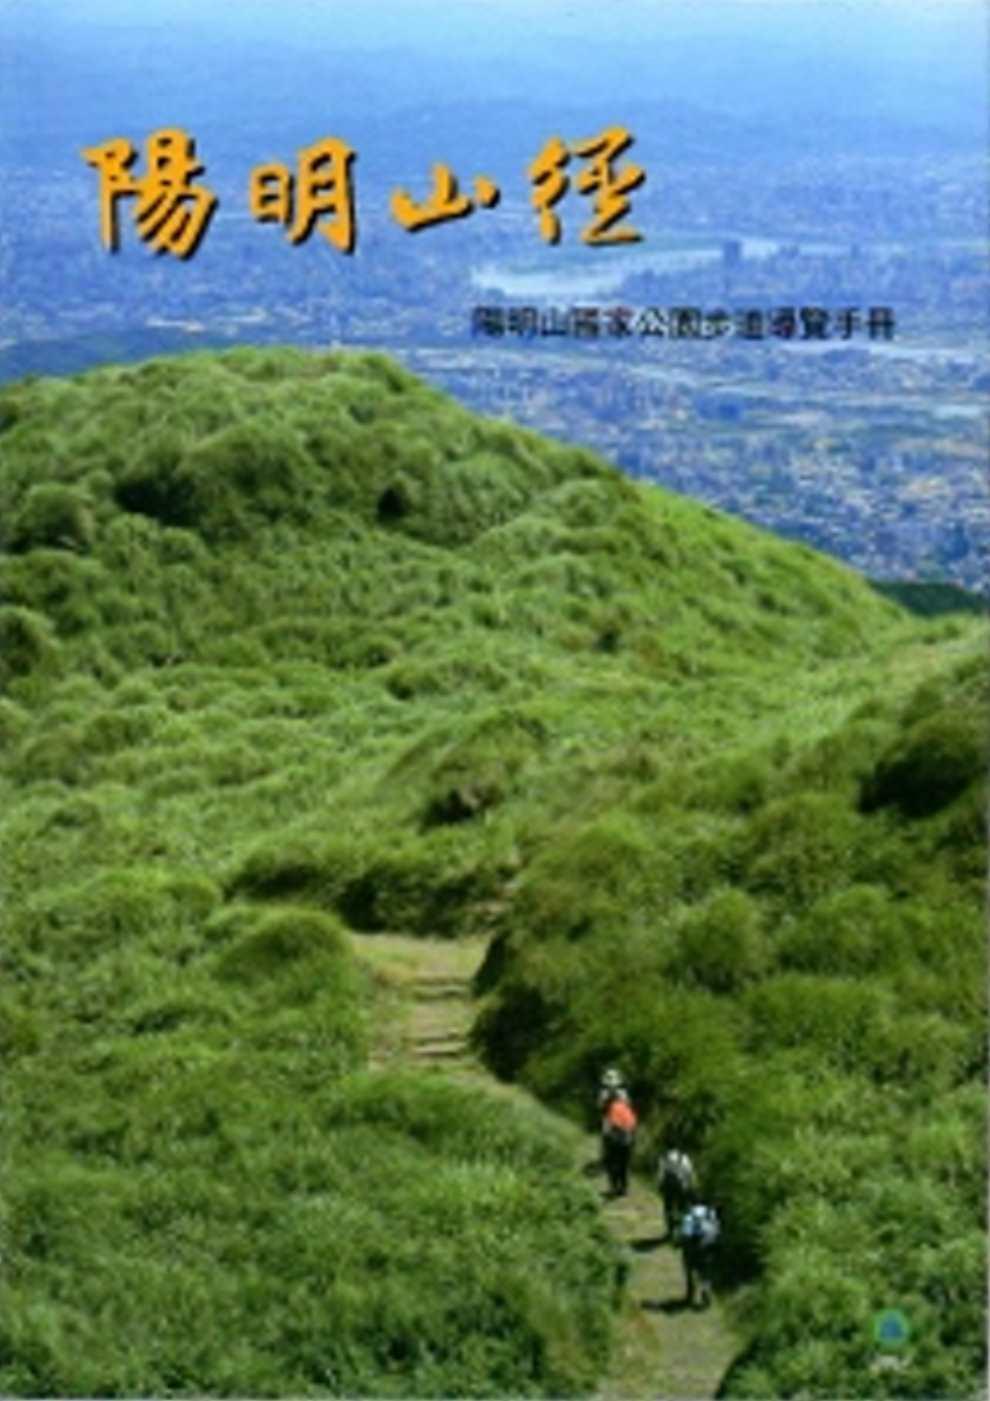 陽明山徑-陽明山國家公園步道導覽手冊(附導覽地圖)